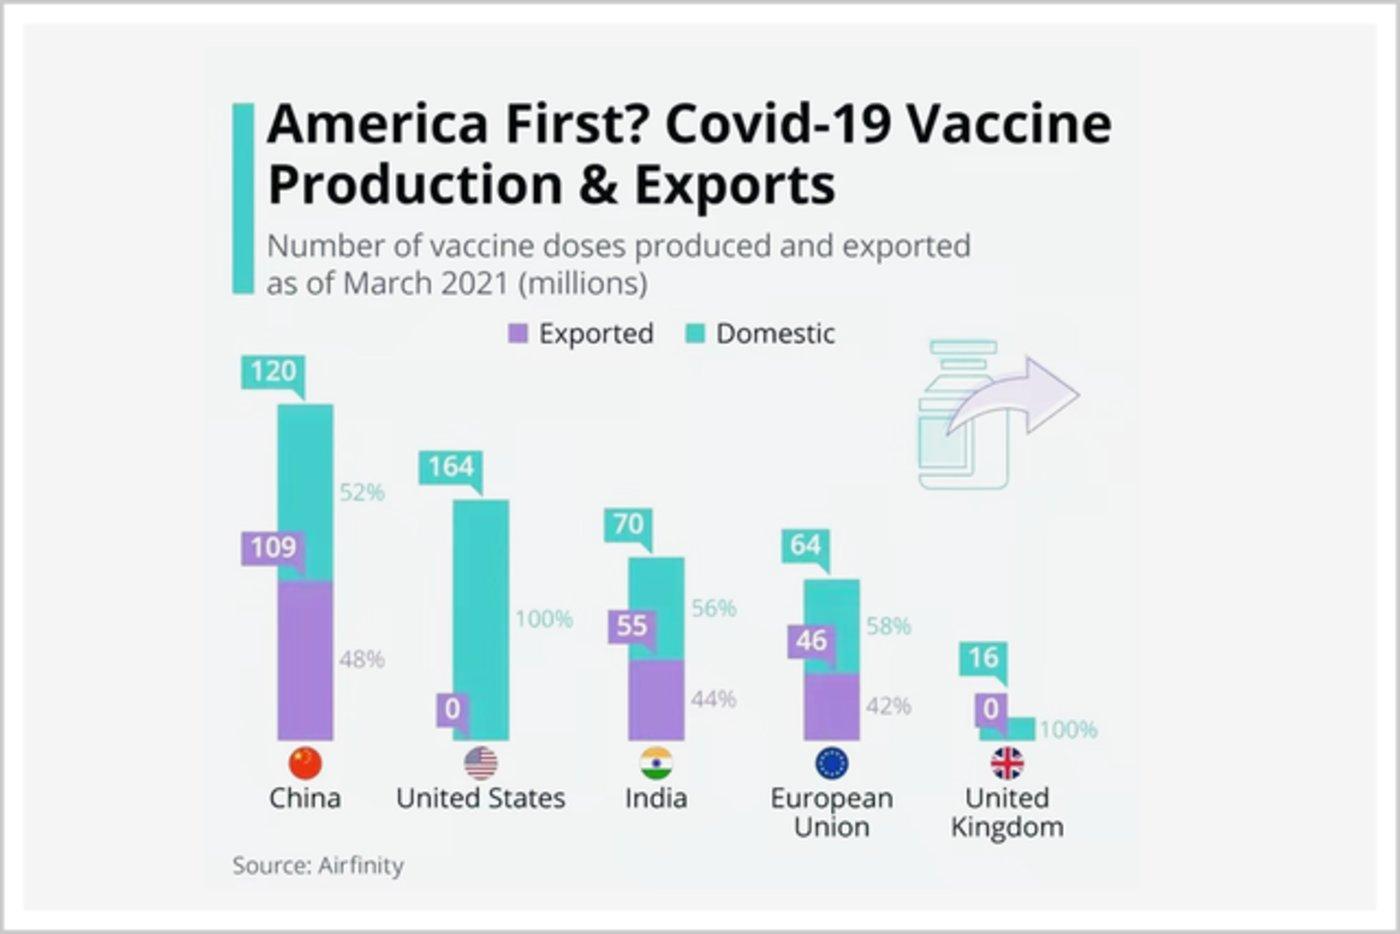 ▲中国、美国、印度、欧盟、英国等新冠疫苗生产和出口情况